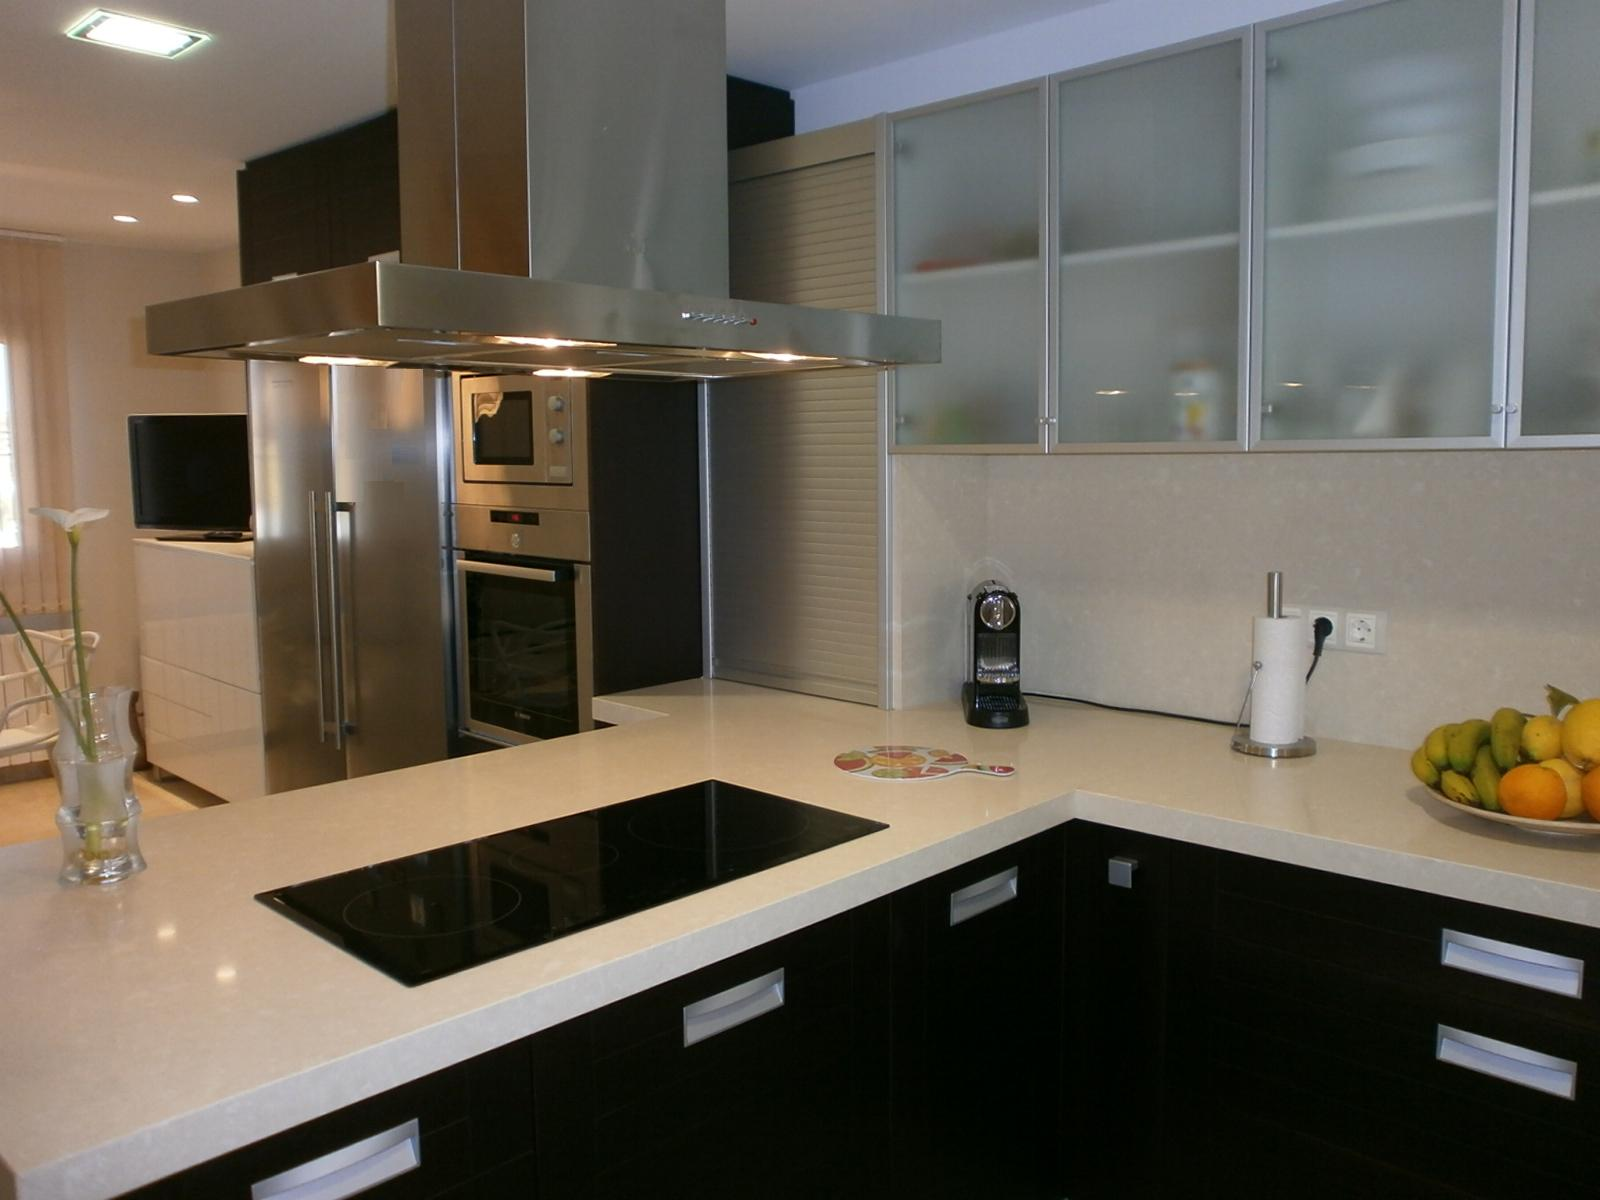 El wengu y la madera oscura en la cocina cocinas con estilo for Encimeras pequenas